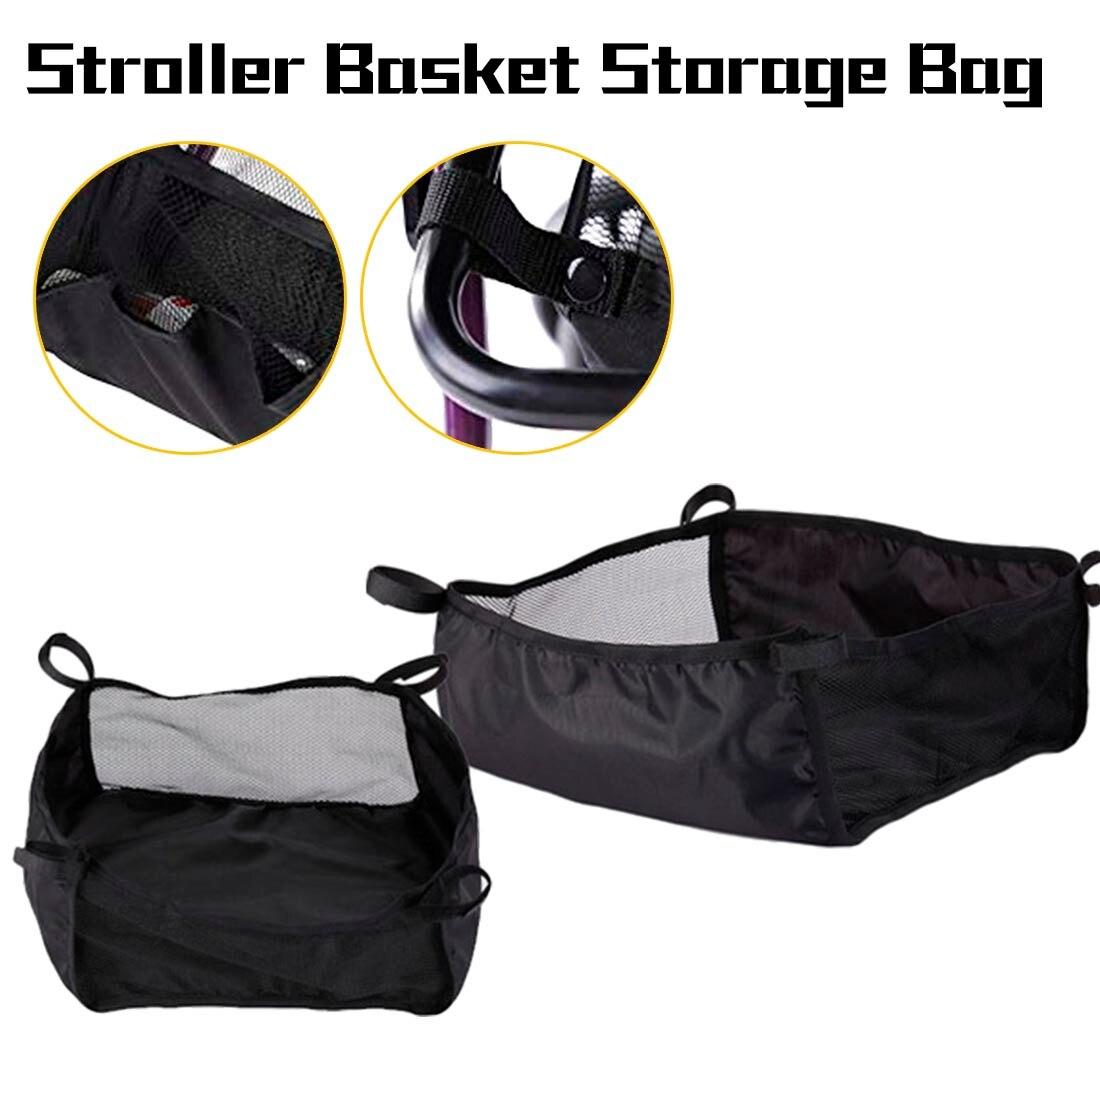 Pregnant Mother Stroller Basket Storage Bag Universal Portable Shopping Basket Baby Care Infant Stroller Accessories